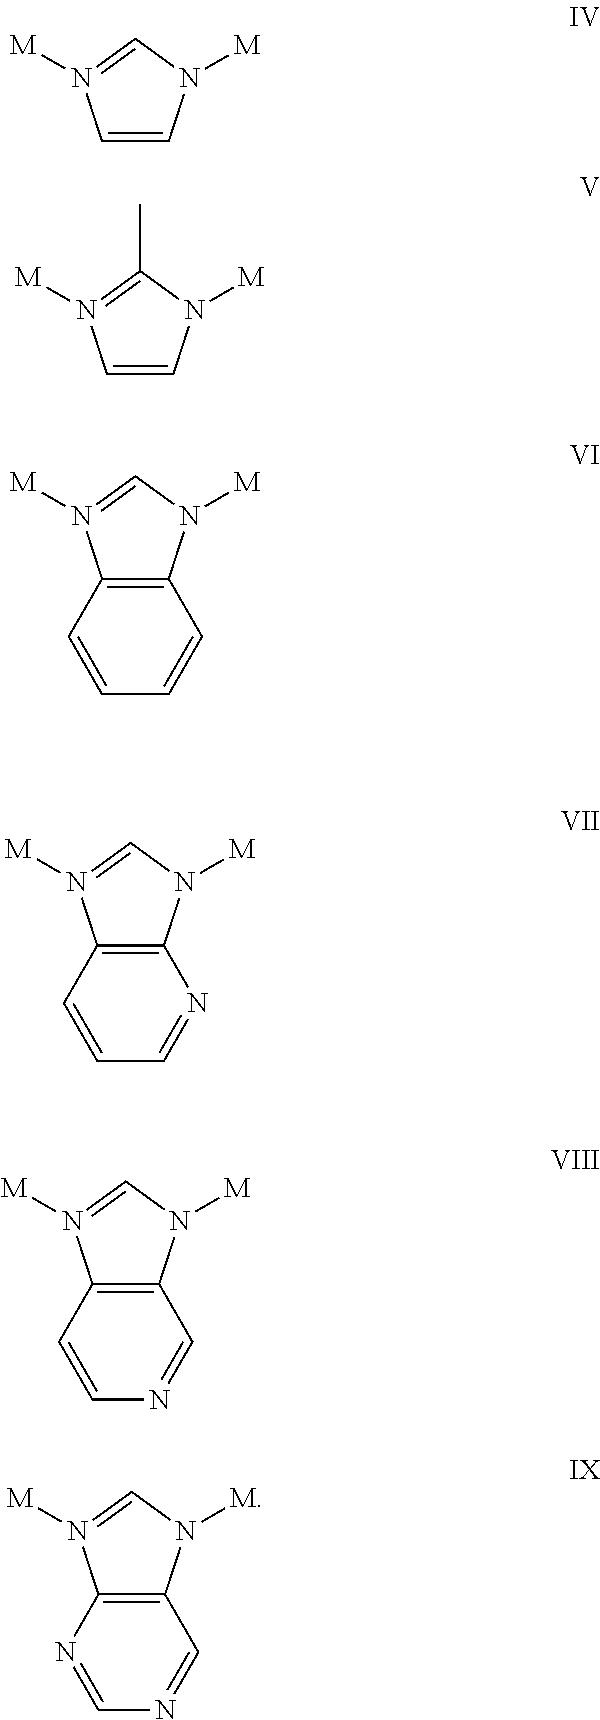 Figure US08480792-20130709-C00002